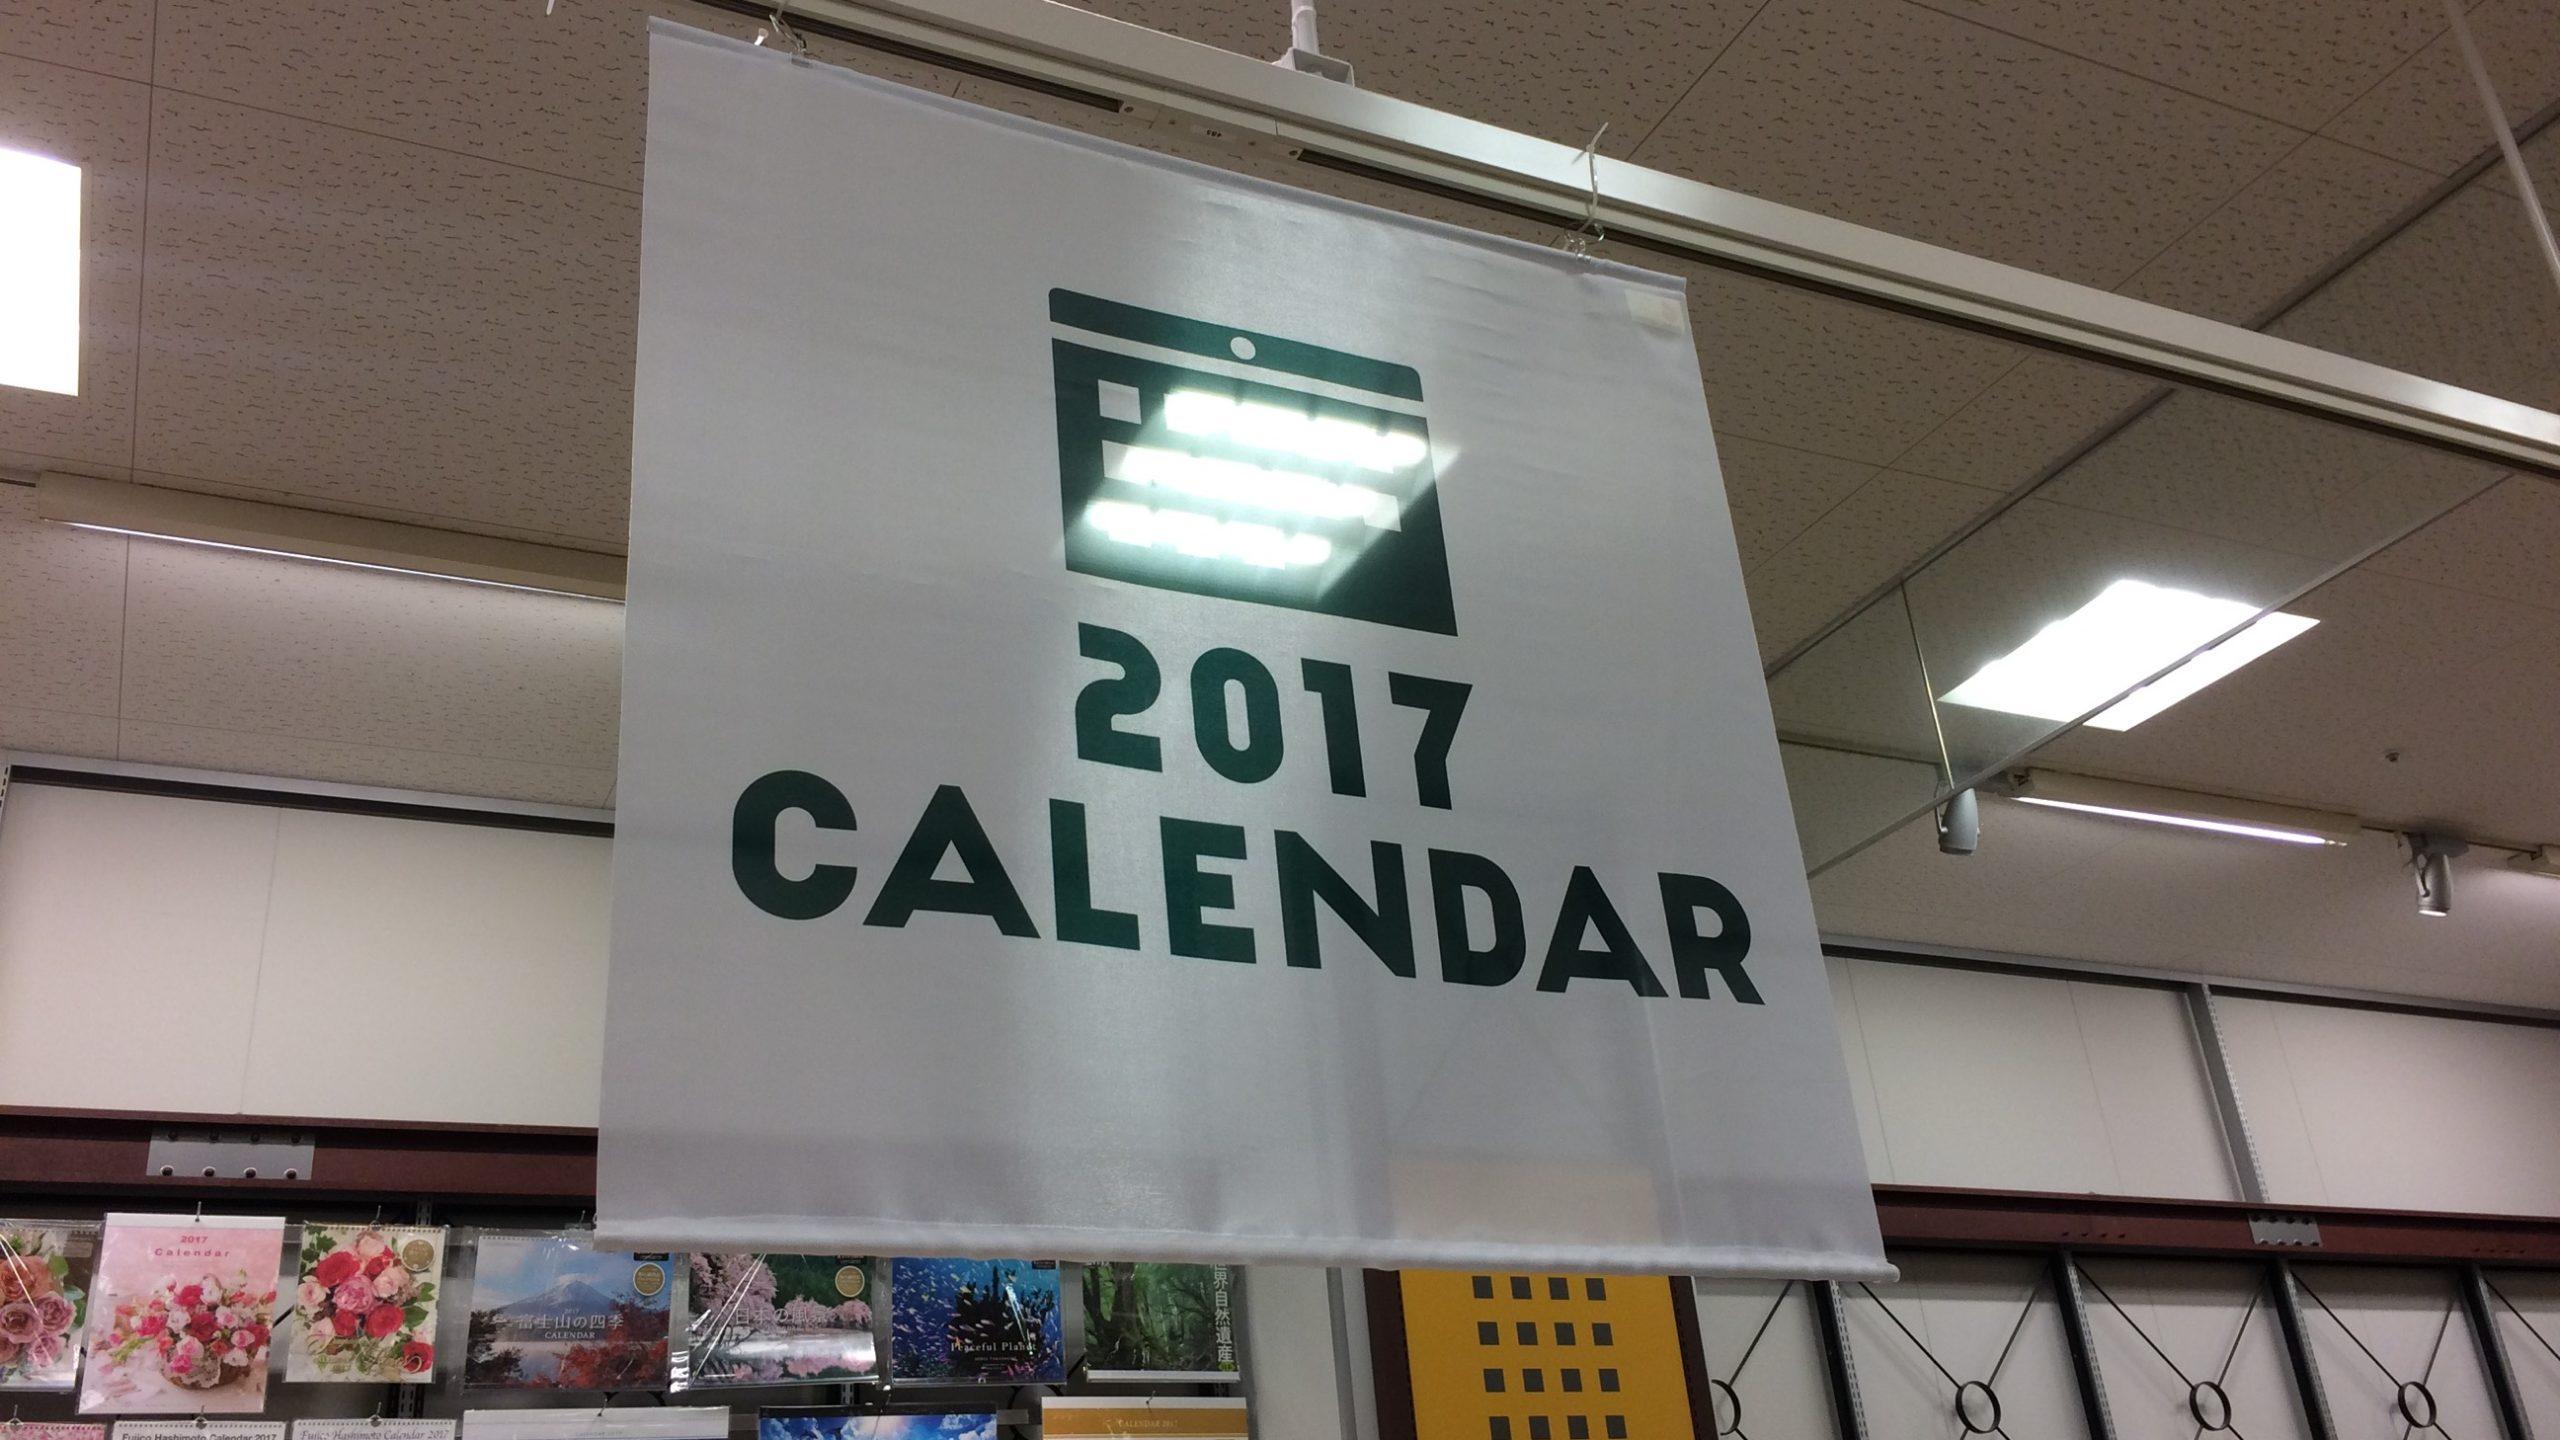 おしゃれな2017カレンダーを買いに行きました